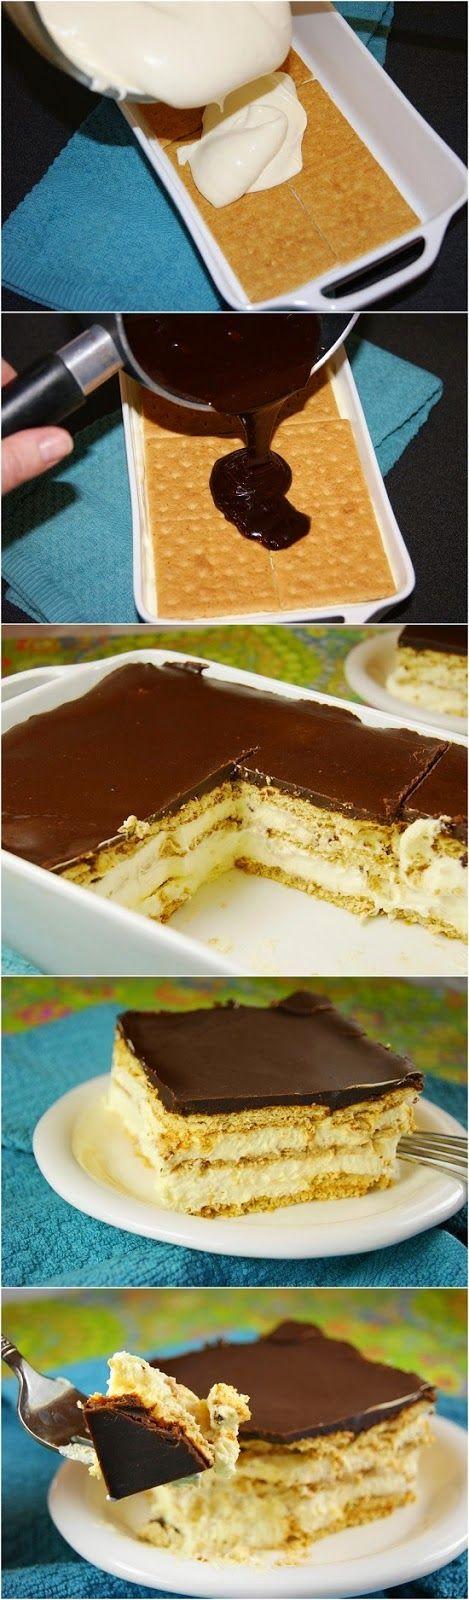 No Bake Eclair Cake | DIY Skin Care & Recipes